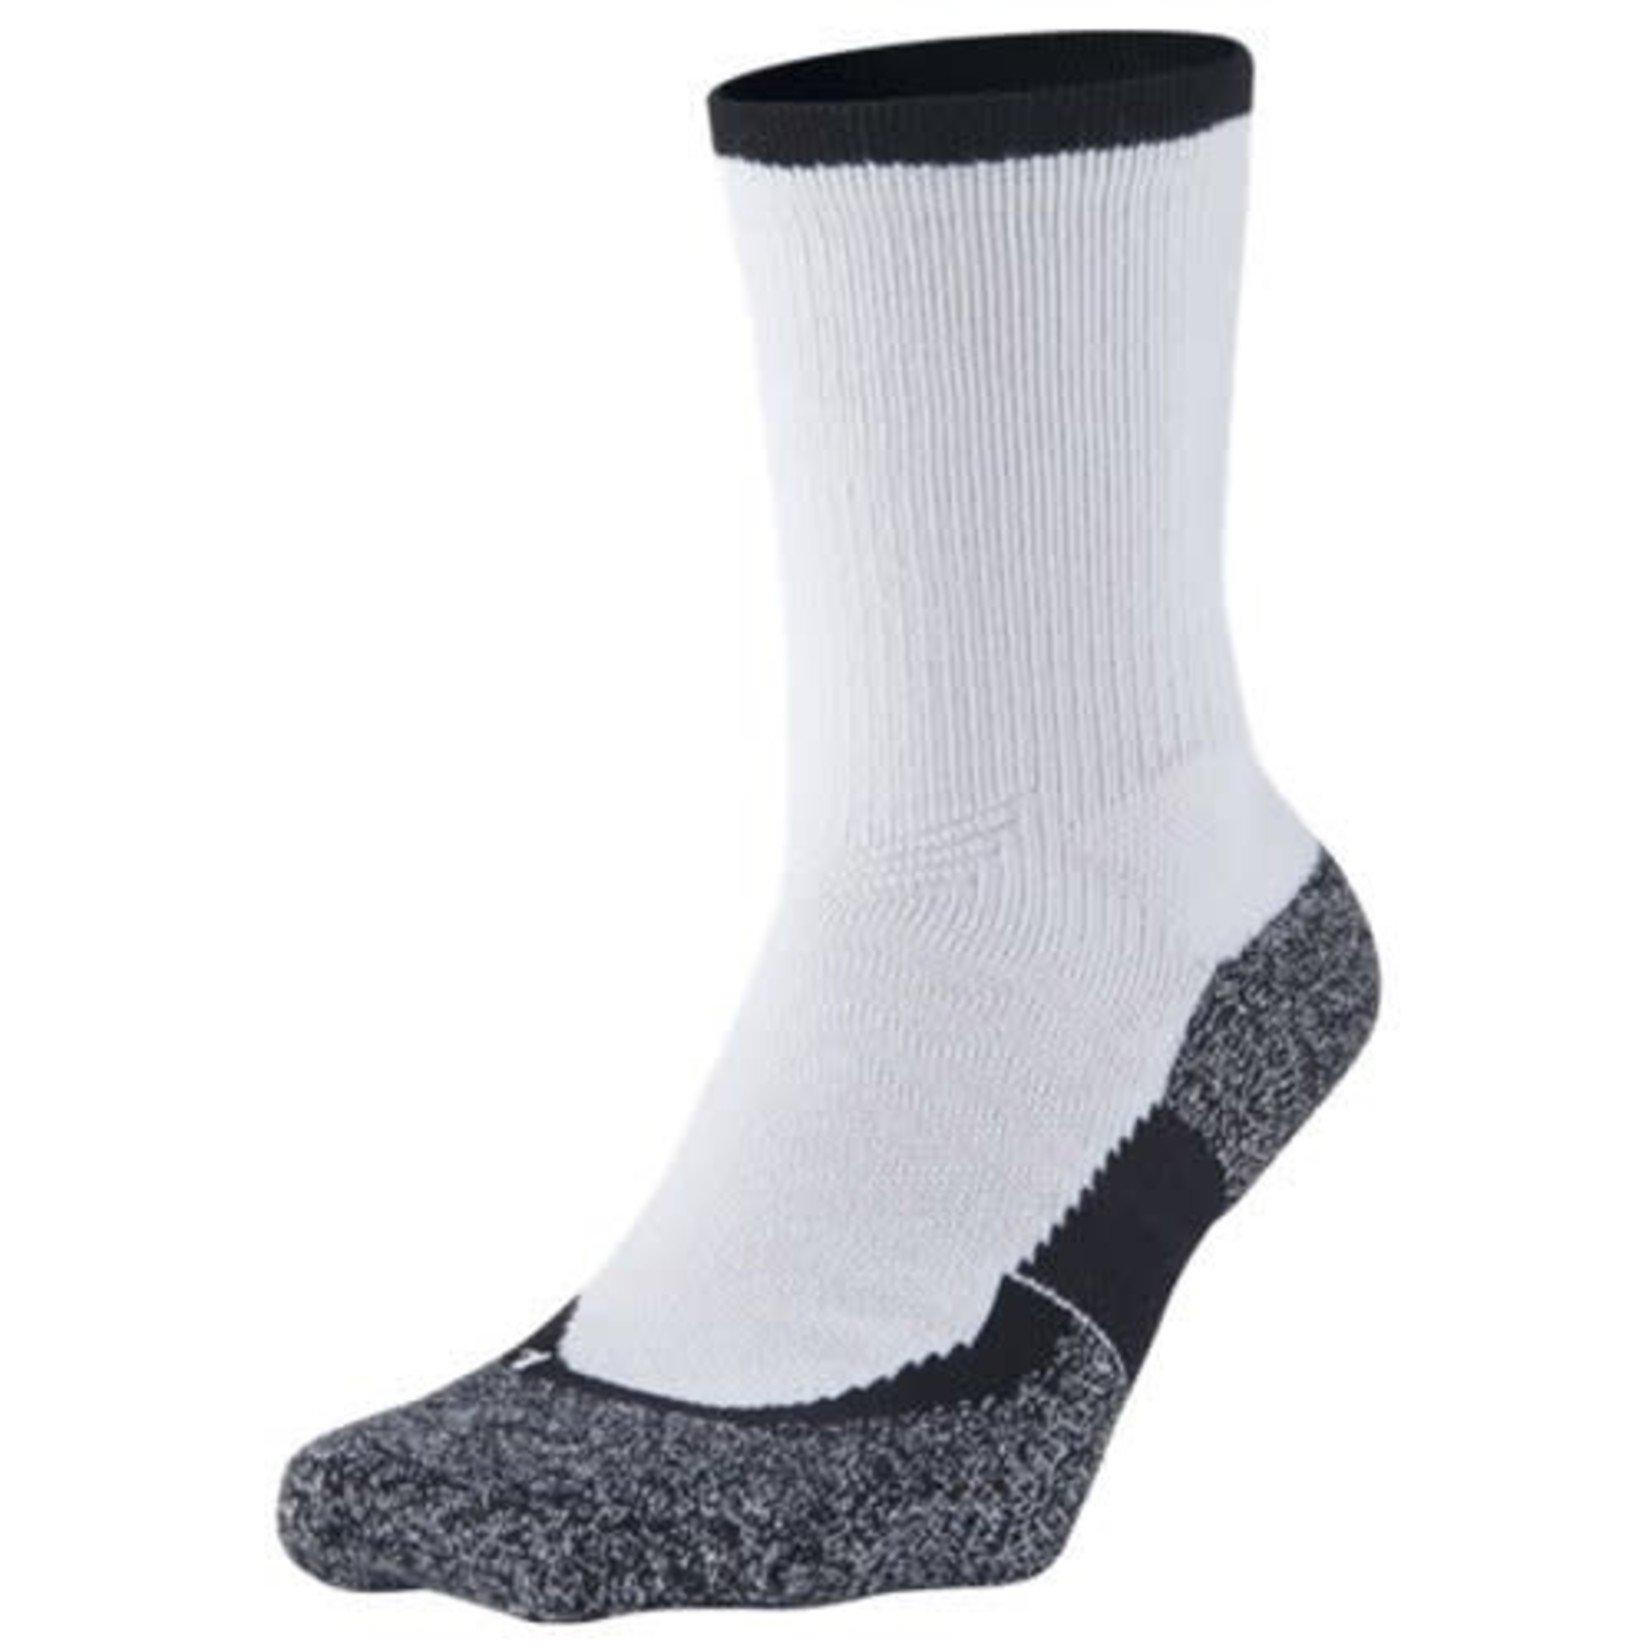 Nike Elite Crew Tennis Sock - white